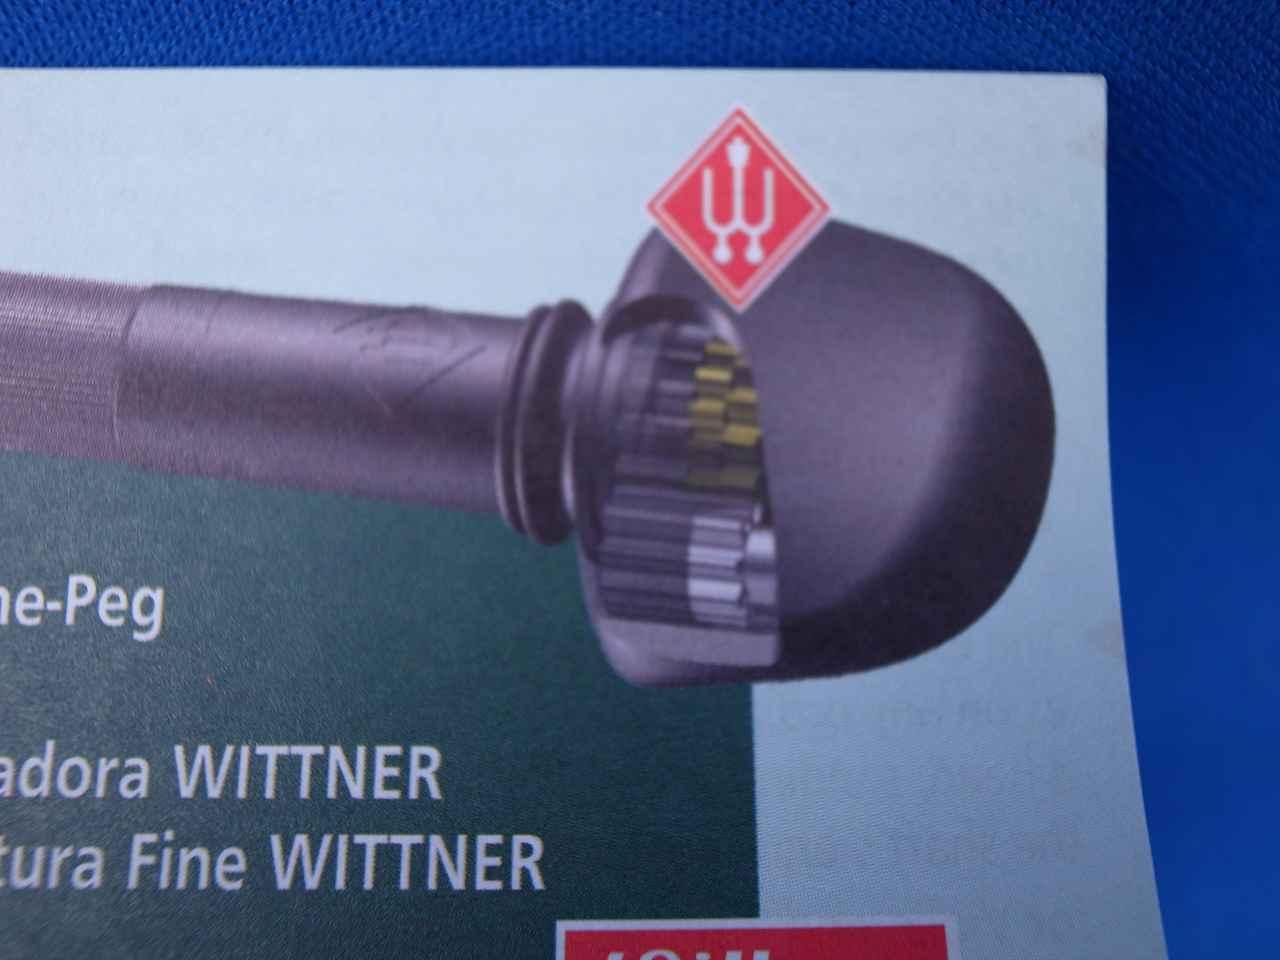 画像1: プラネタリーギア内蔵チェロペグ・ウィットナー「ファインチューン」 Wittner 「Finetune」 Planetary Gear Equiped Cello Peg